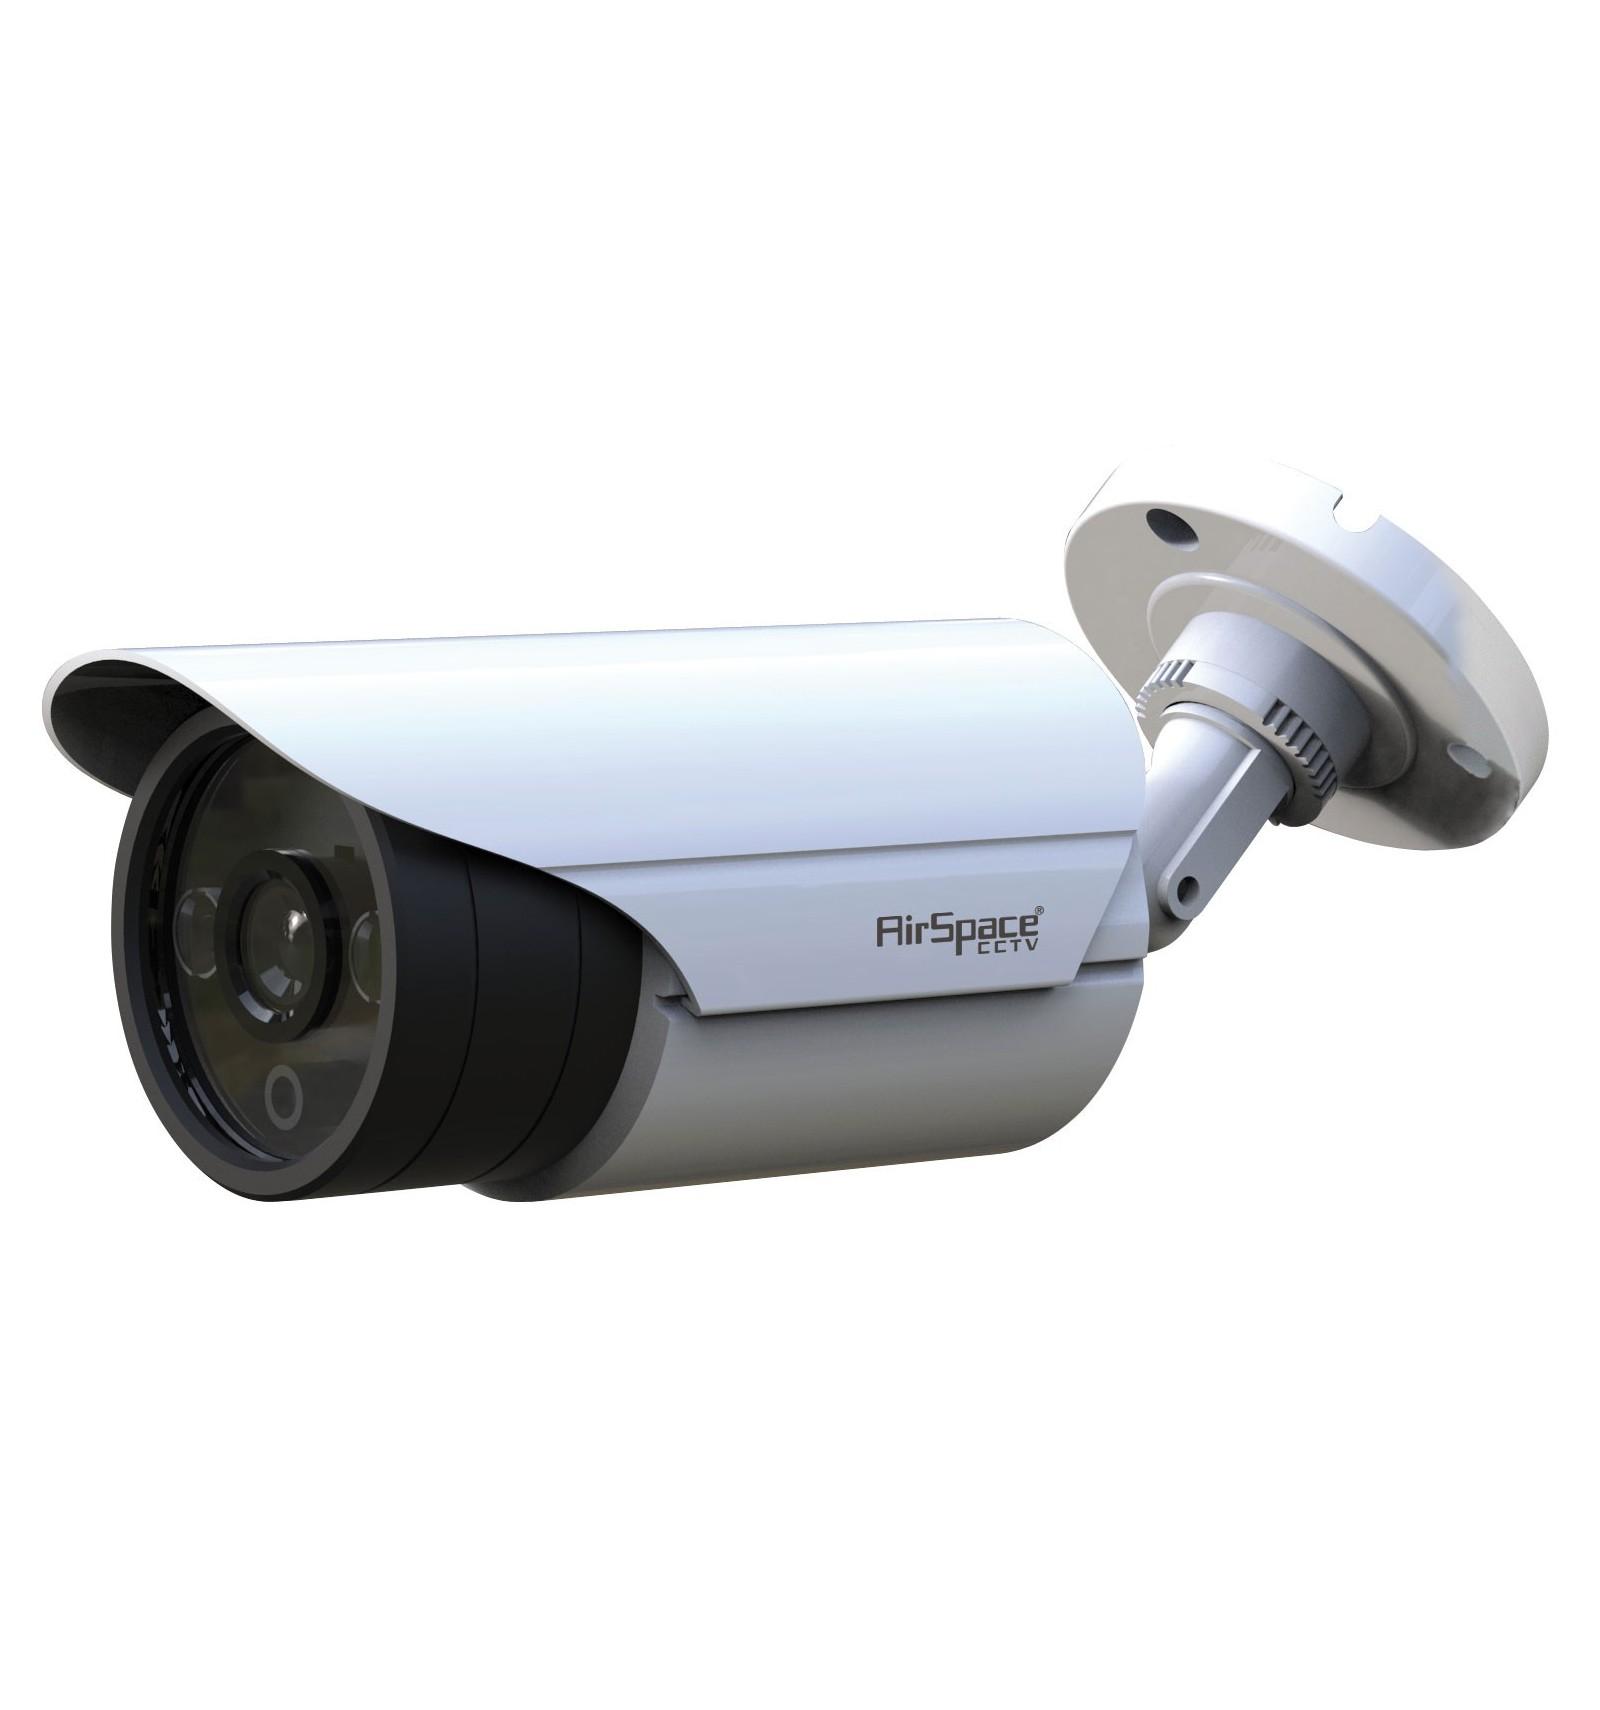 Camara de vigilancia para exterior con visi n nocturna - Camaras vigilancia exterior ...